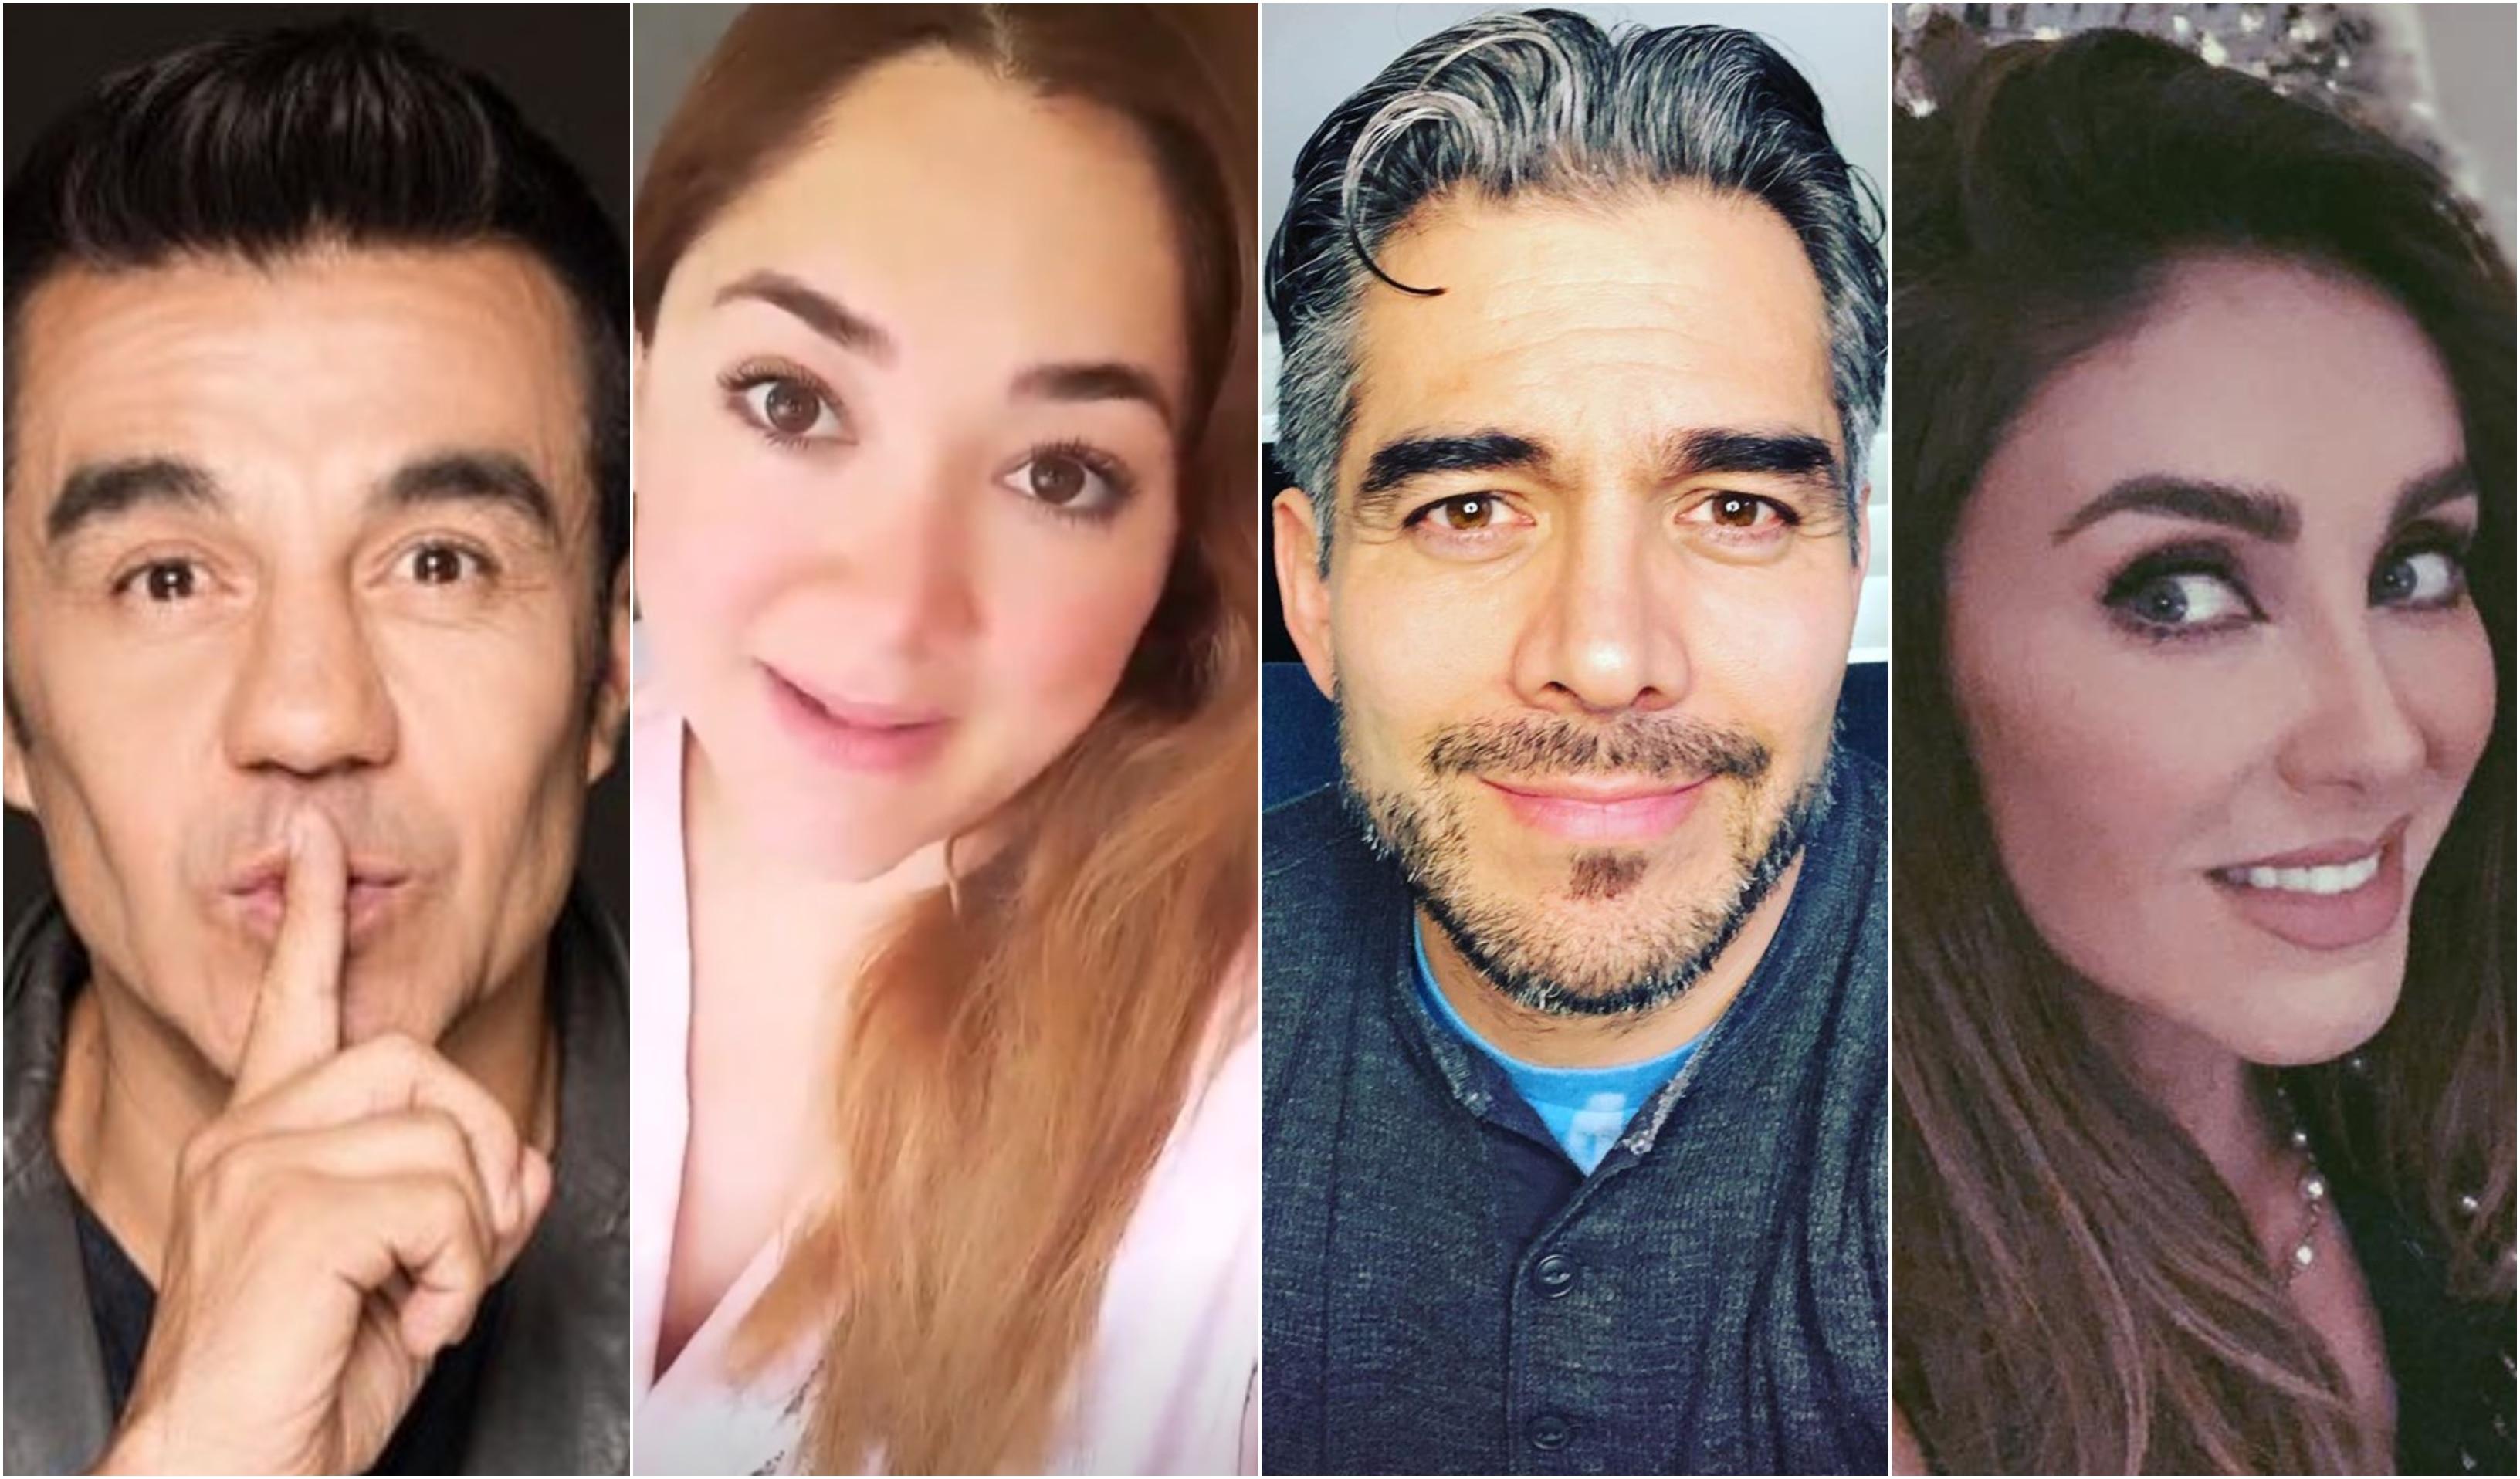 El domingo de los famosos en México: El parto de Sherlyn y el secreto de Adrián Uribe que reveló Omar Chaparro thumbnail